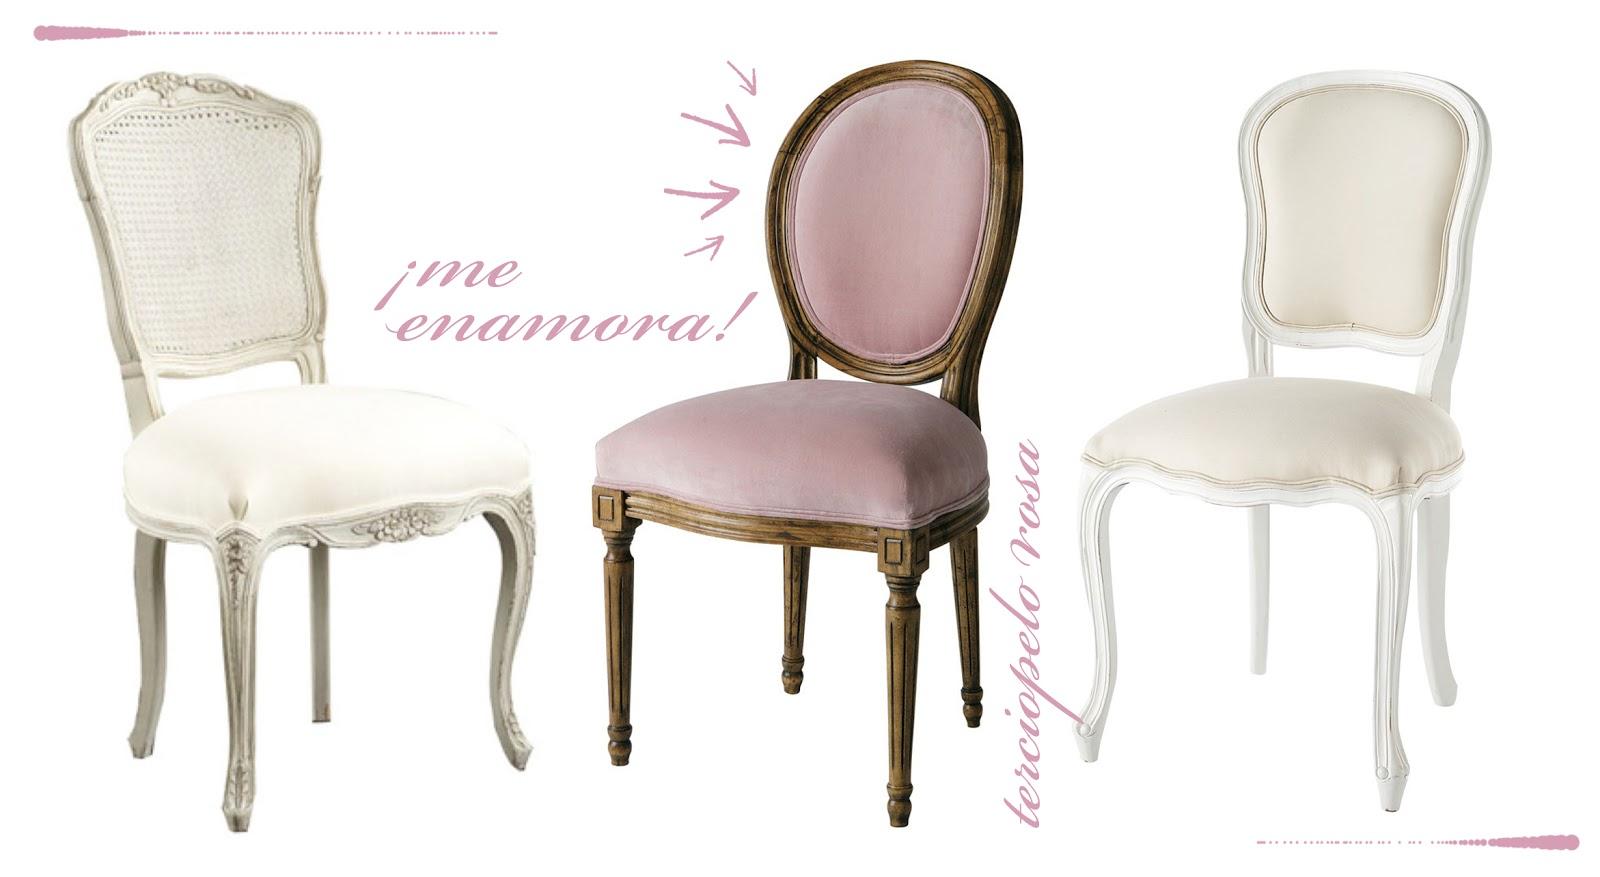 Sillas tapizadas modernas muebles silla byblos ii sillas for Sillas isabelinas tapizadas modernas